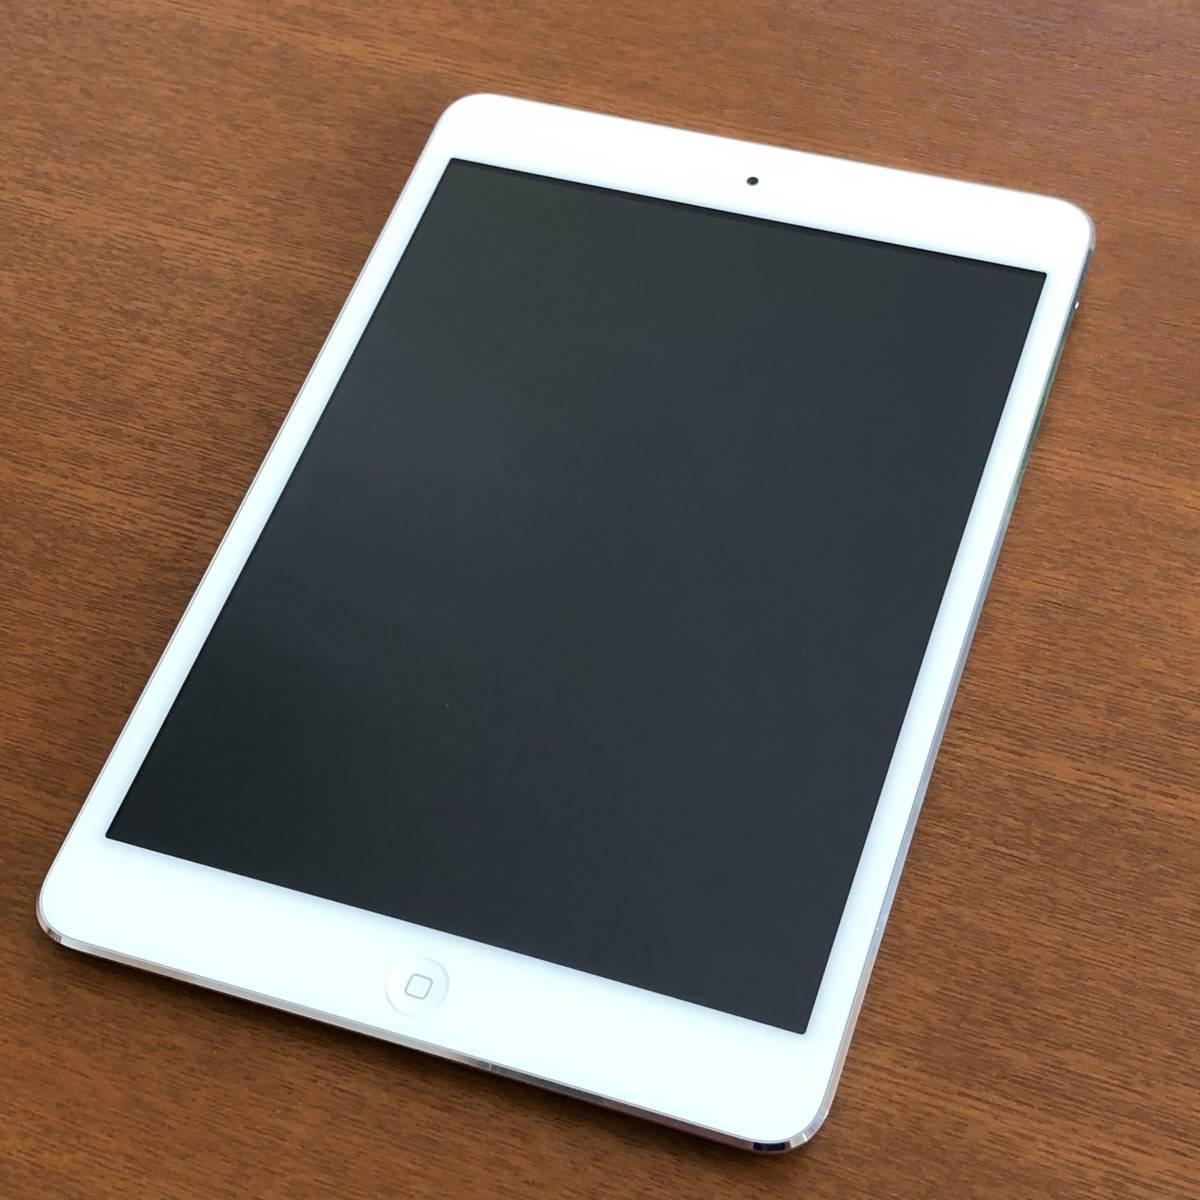 ★送料無料★ 【初代】 iPad mini Wi-Fi 16G White(シルバー) MD531J/A